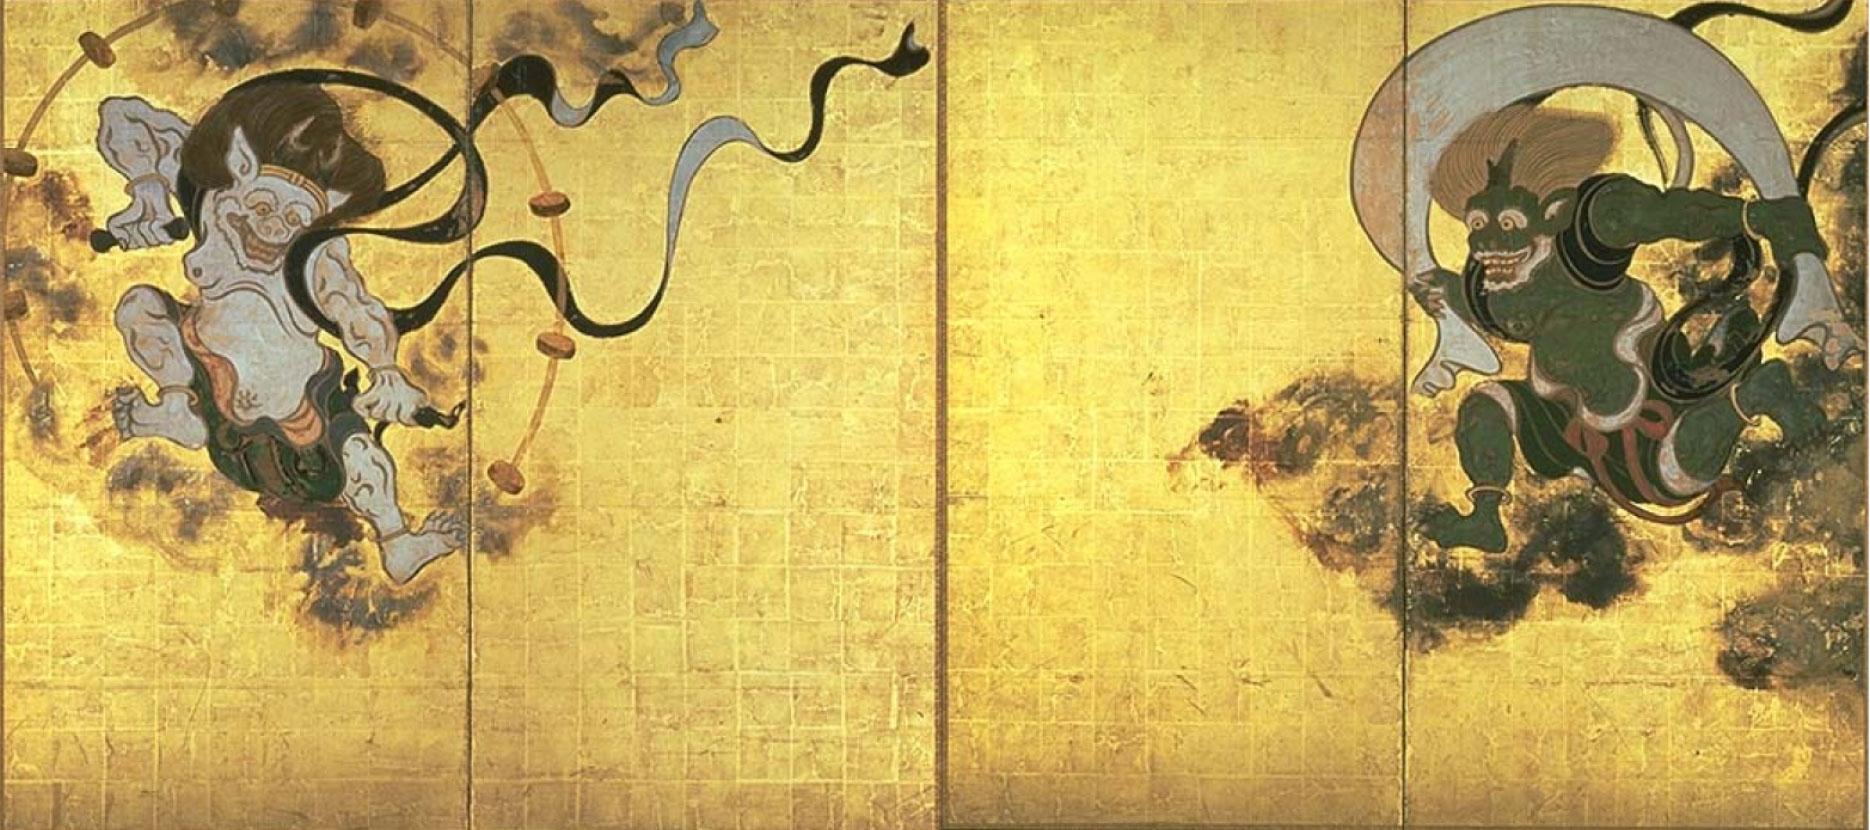 開山・栄西禅師800年遠忌 特別展「栄西と建仁寺」